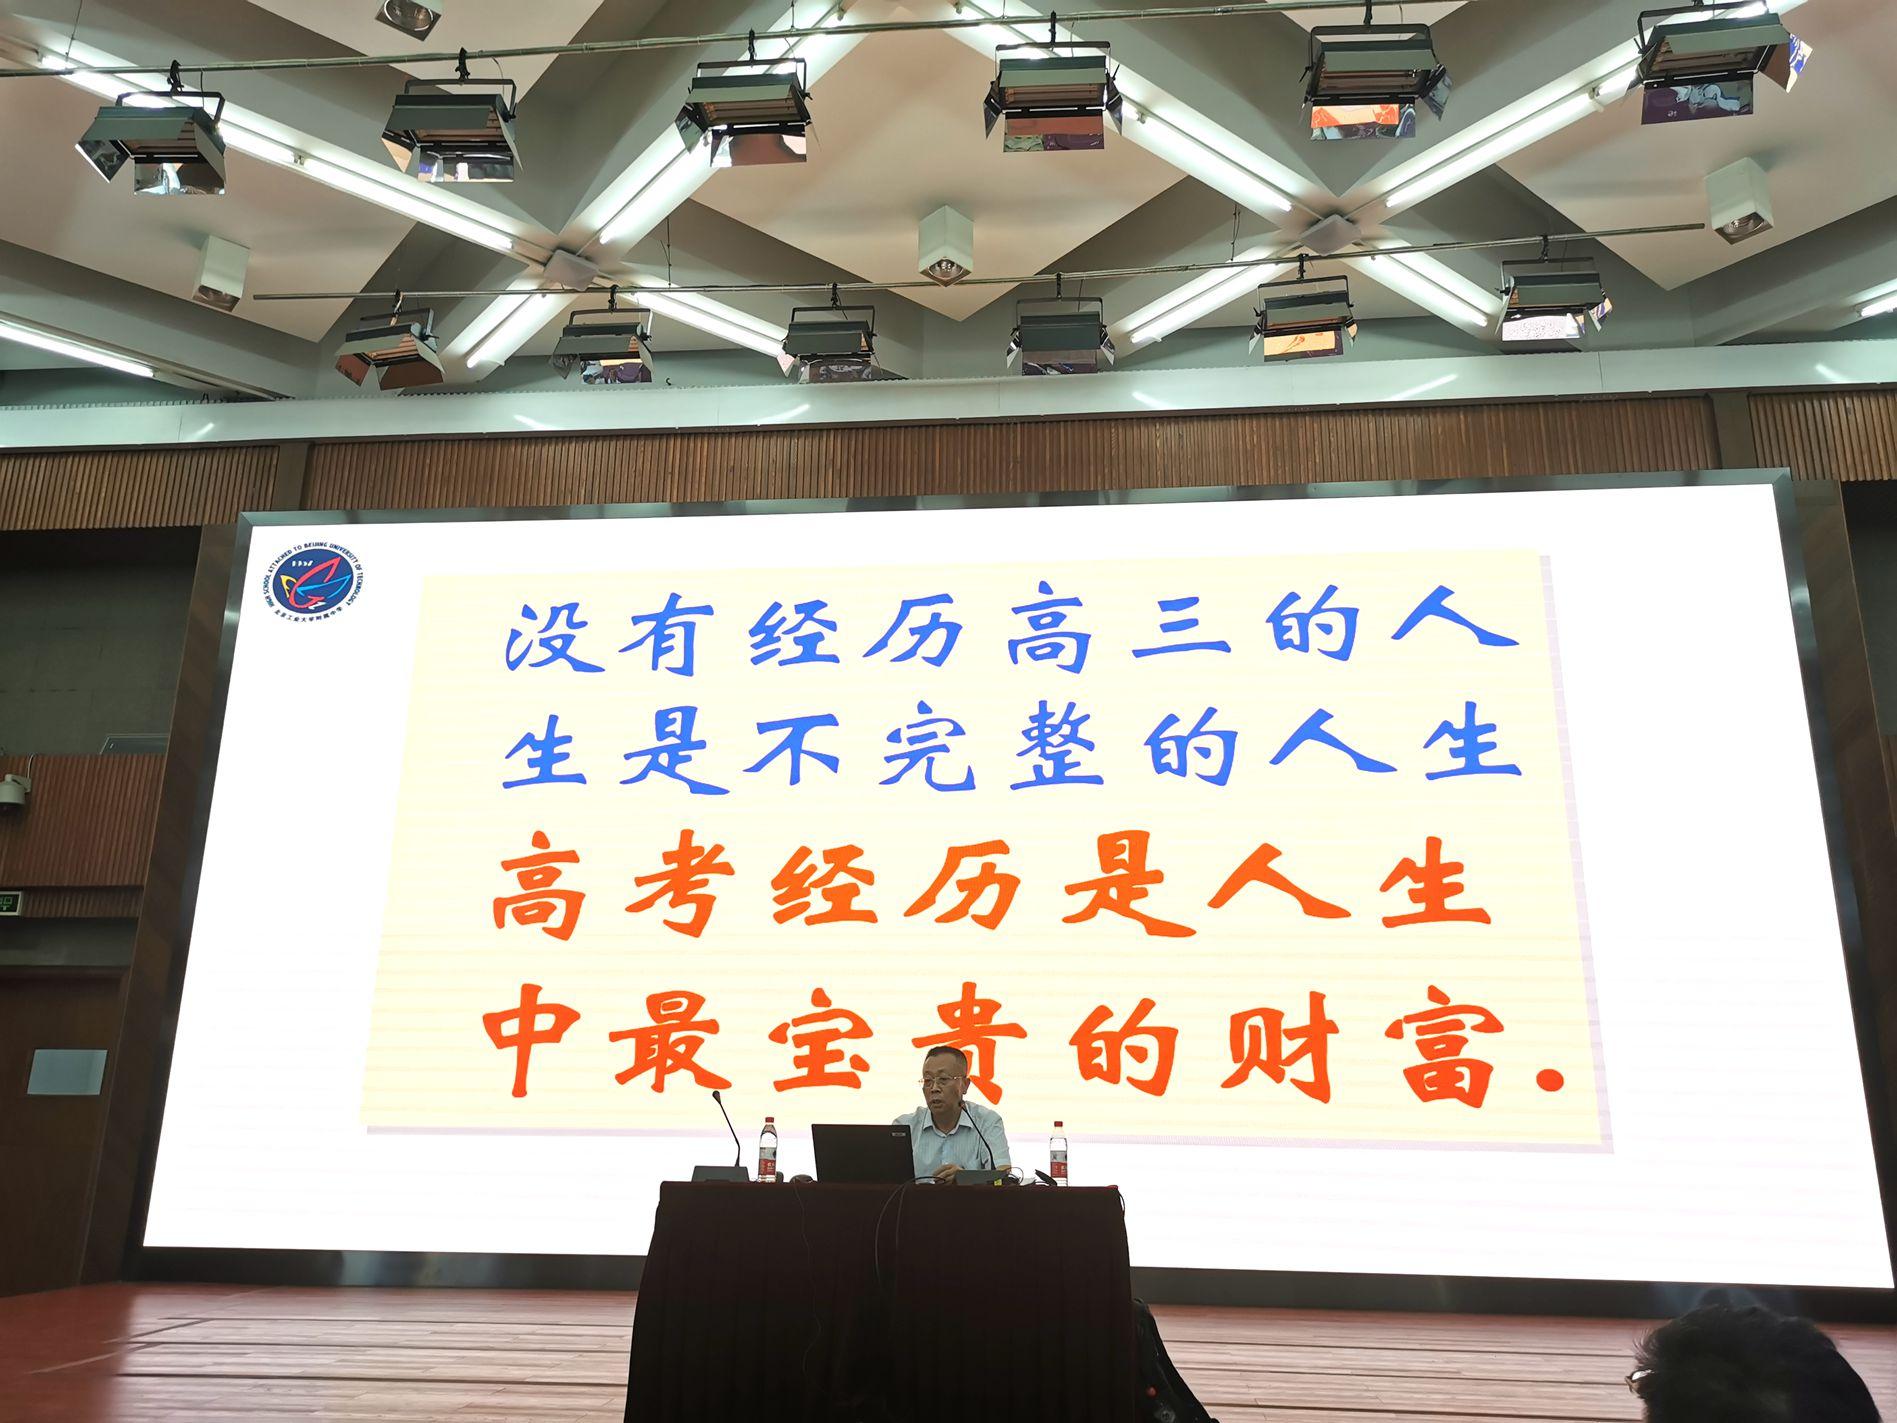 """乘风破浪,扶摇直上 ——刘子远校长为高三学生做""""高三总复习的策略与方法""""的讲座"""